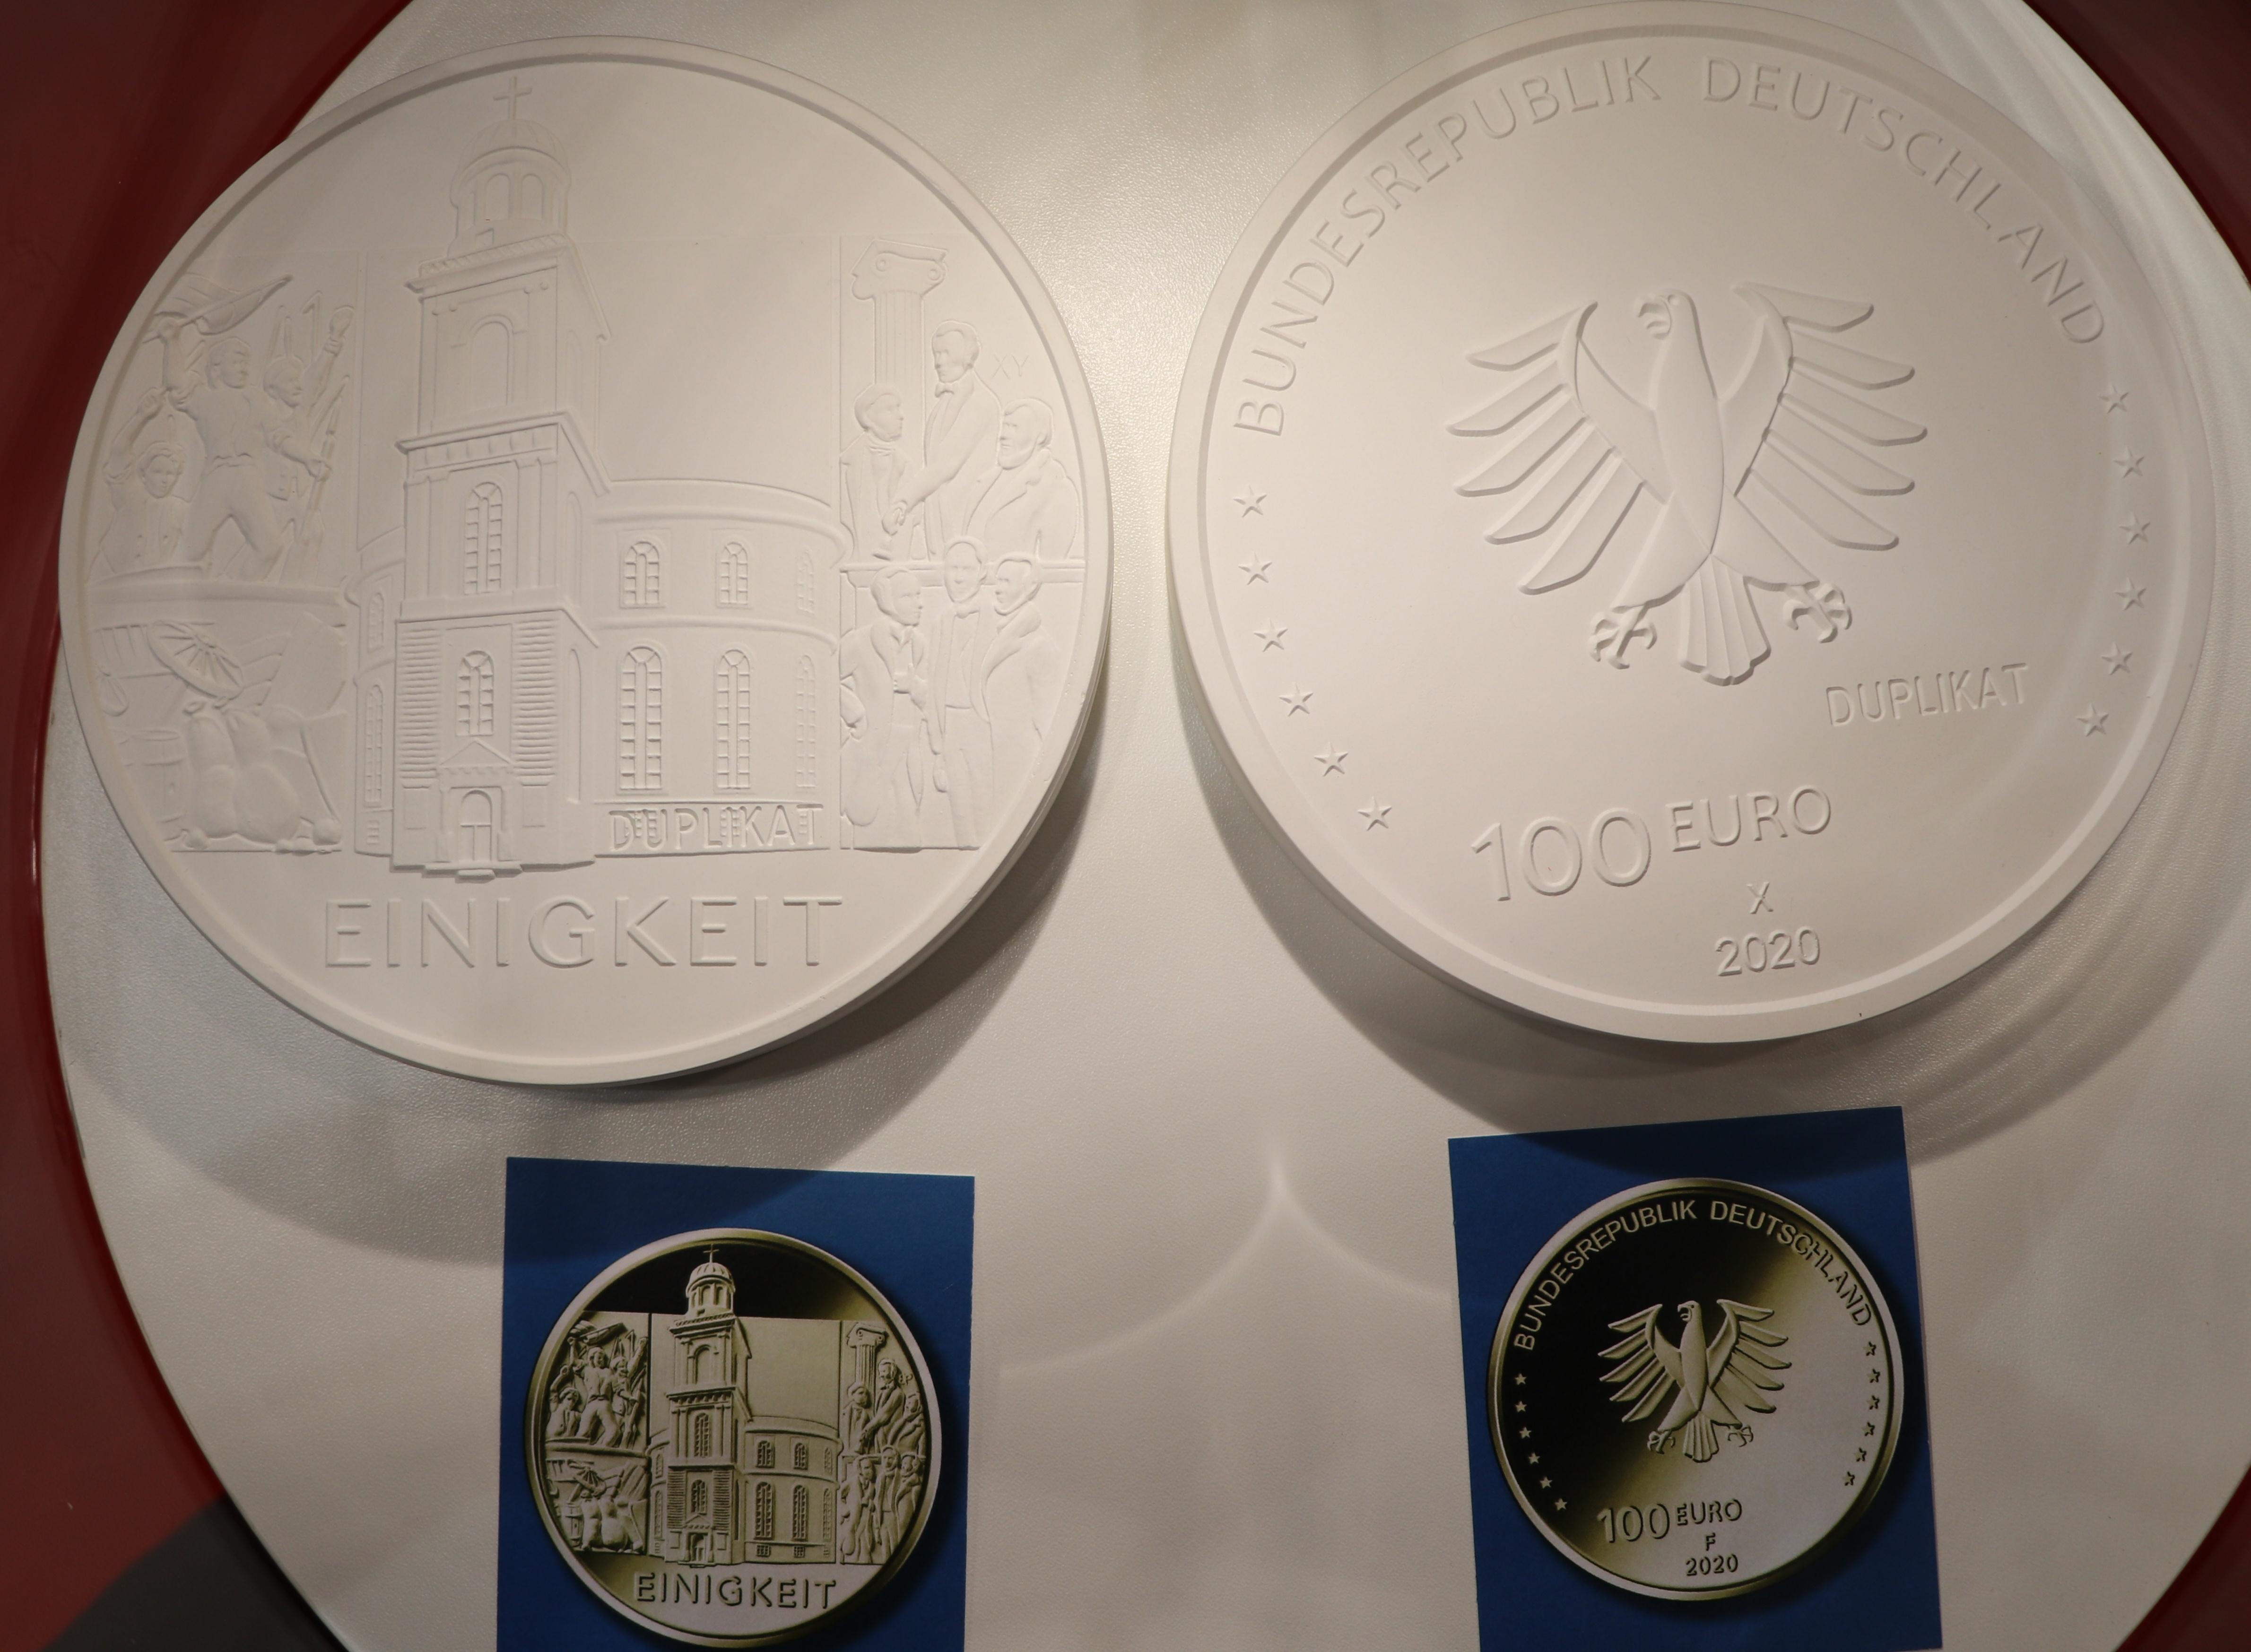 100 Euro Deutschland.jpg